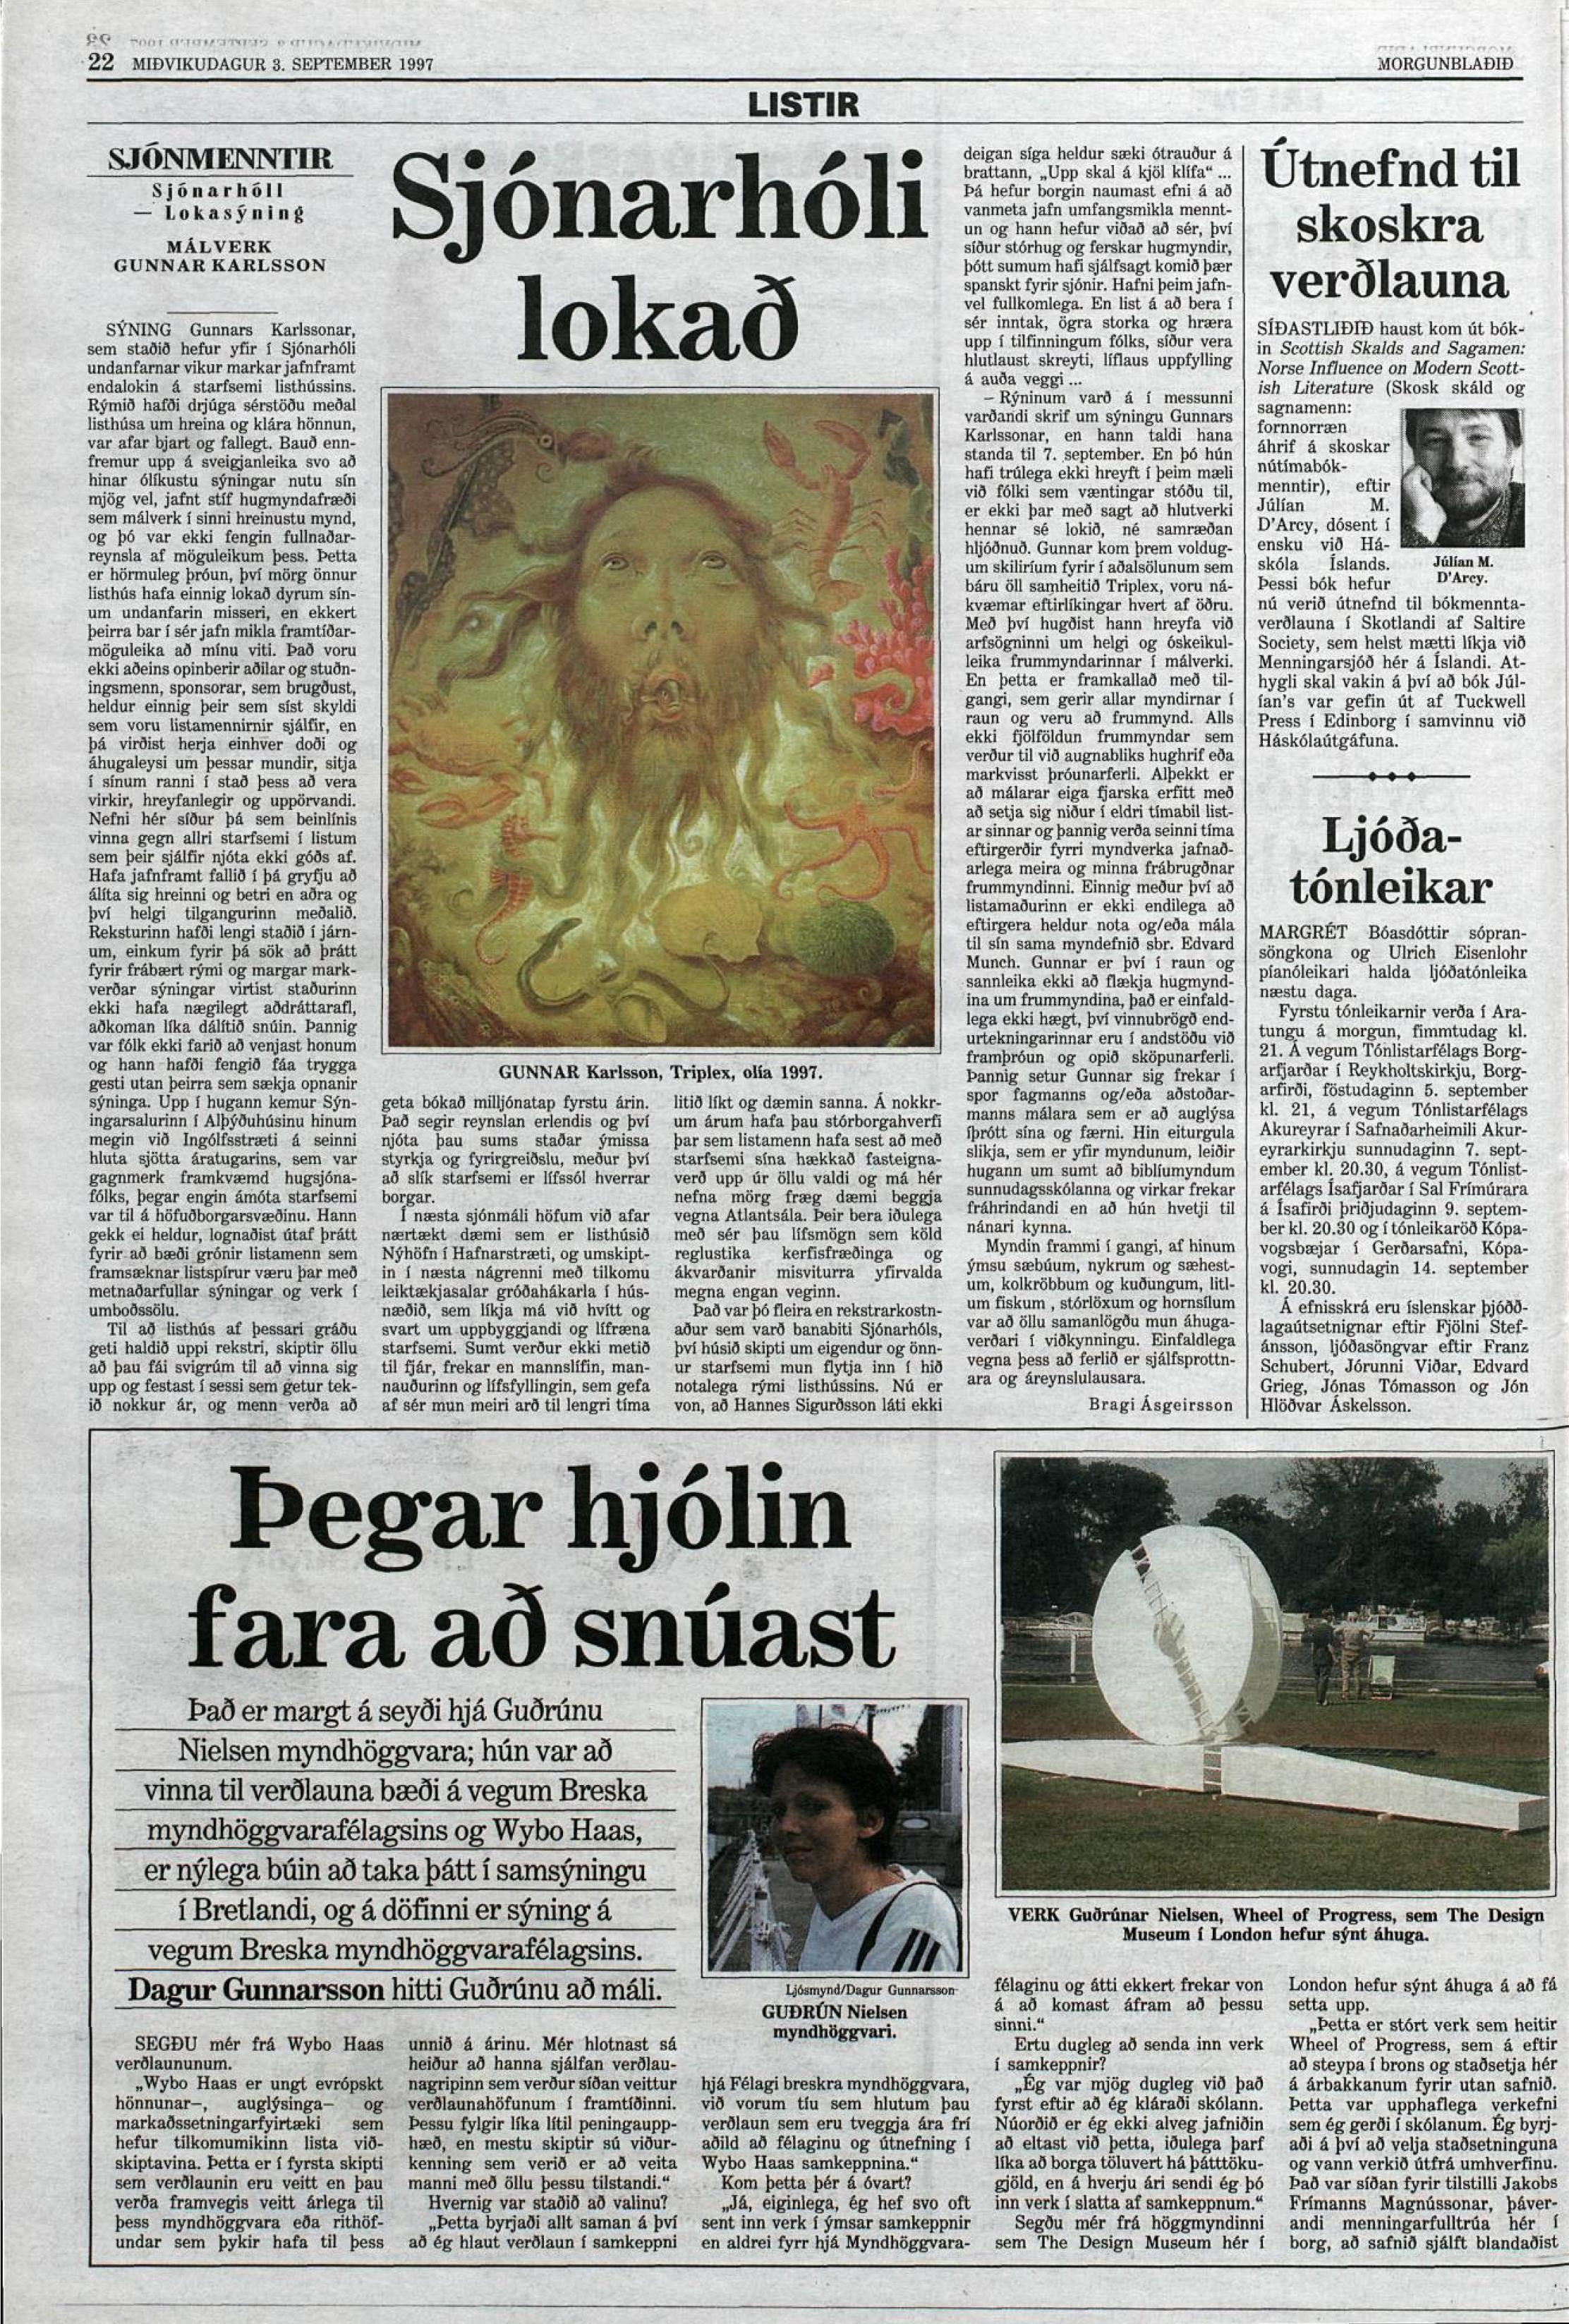 3.sept 1997 Viðtal f. mogga Dagur Gunnarsson.pdf a.jpg